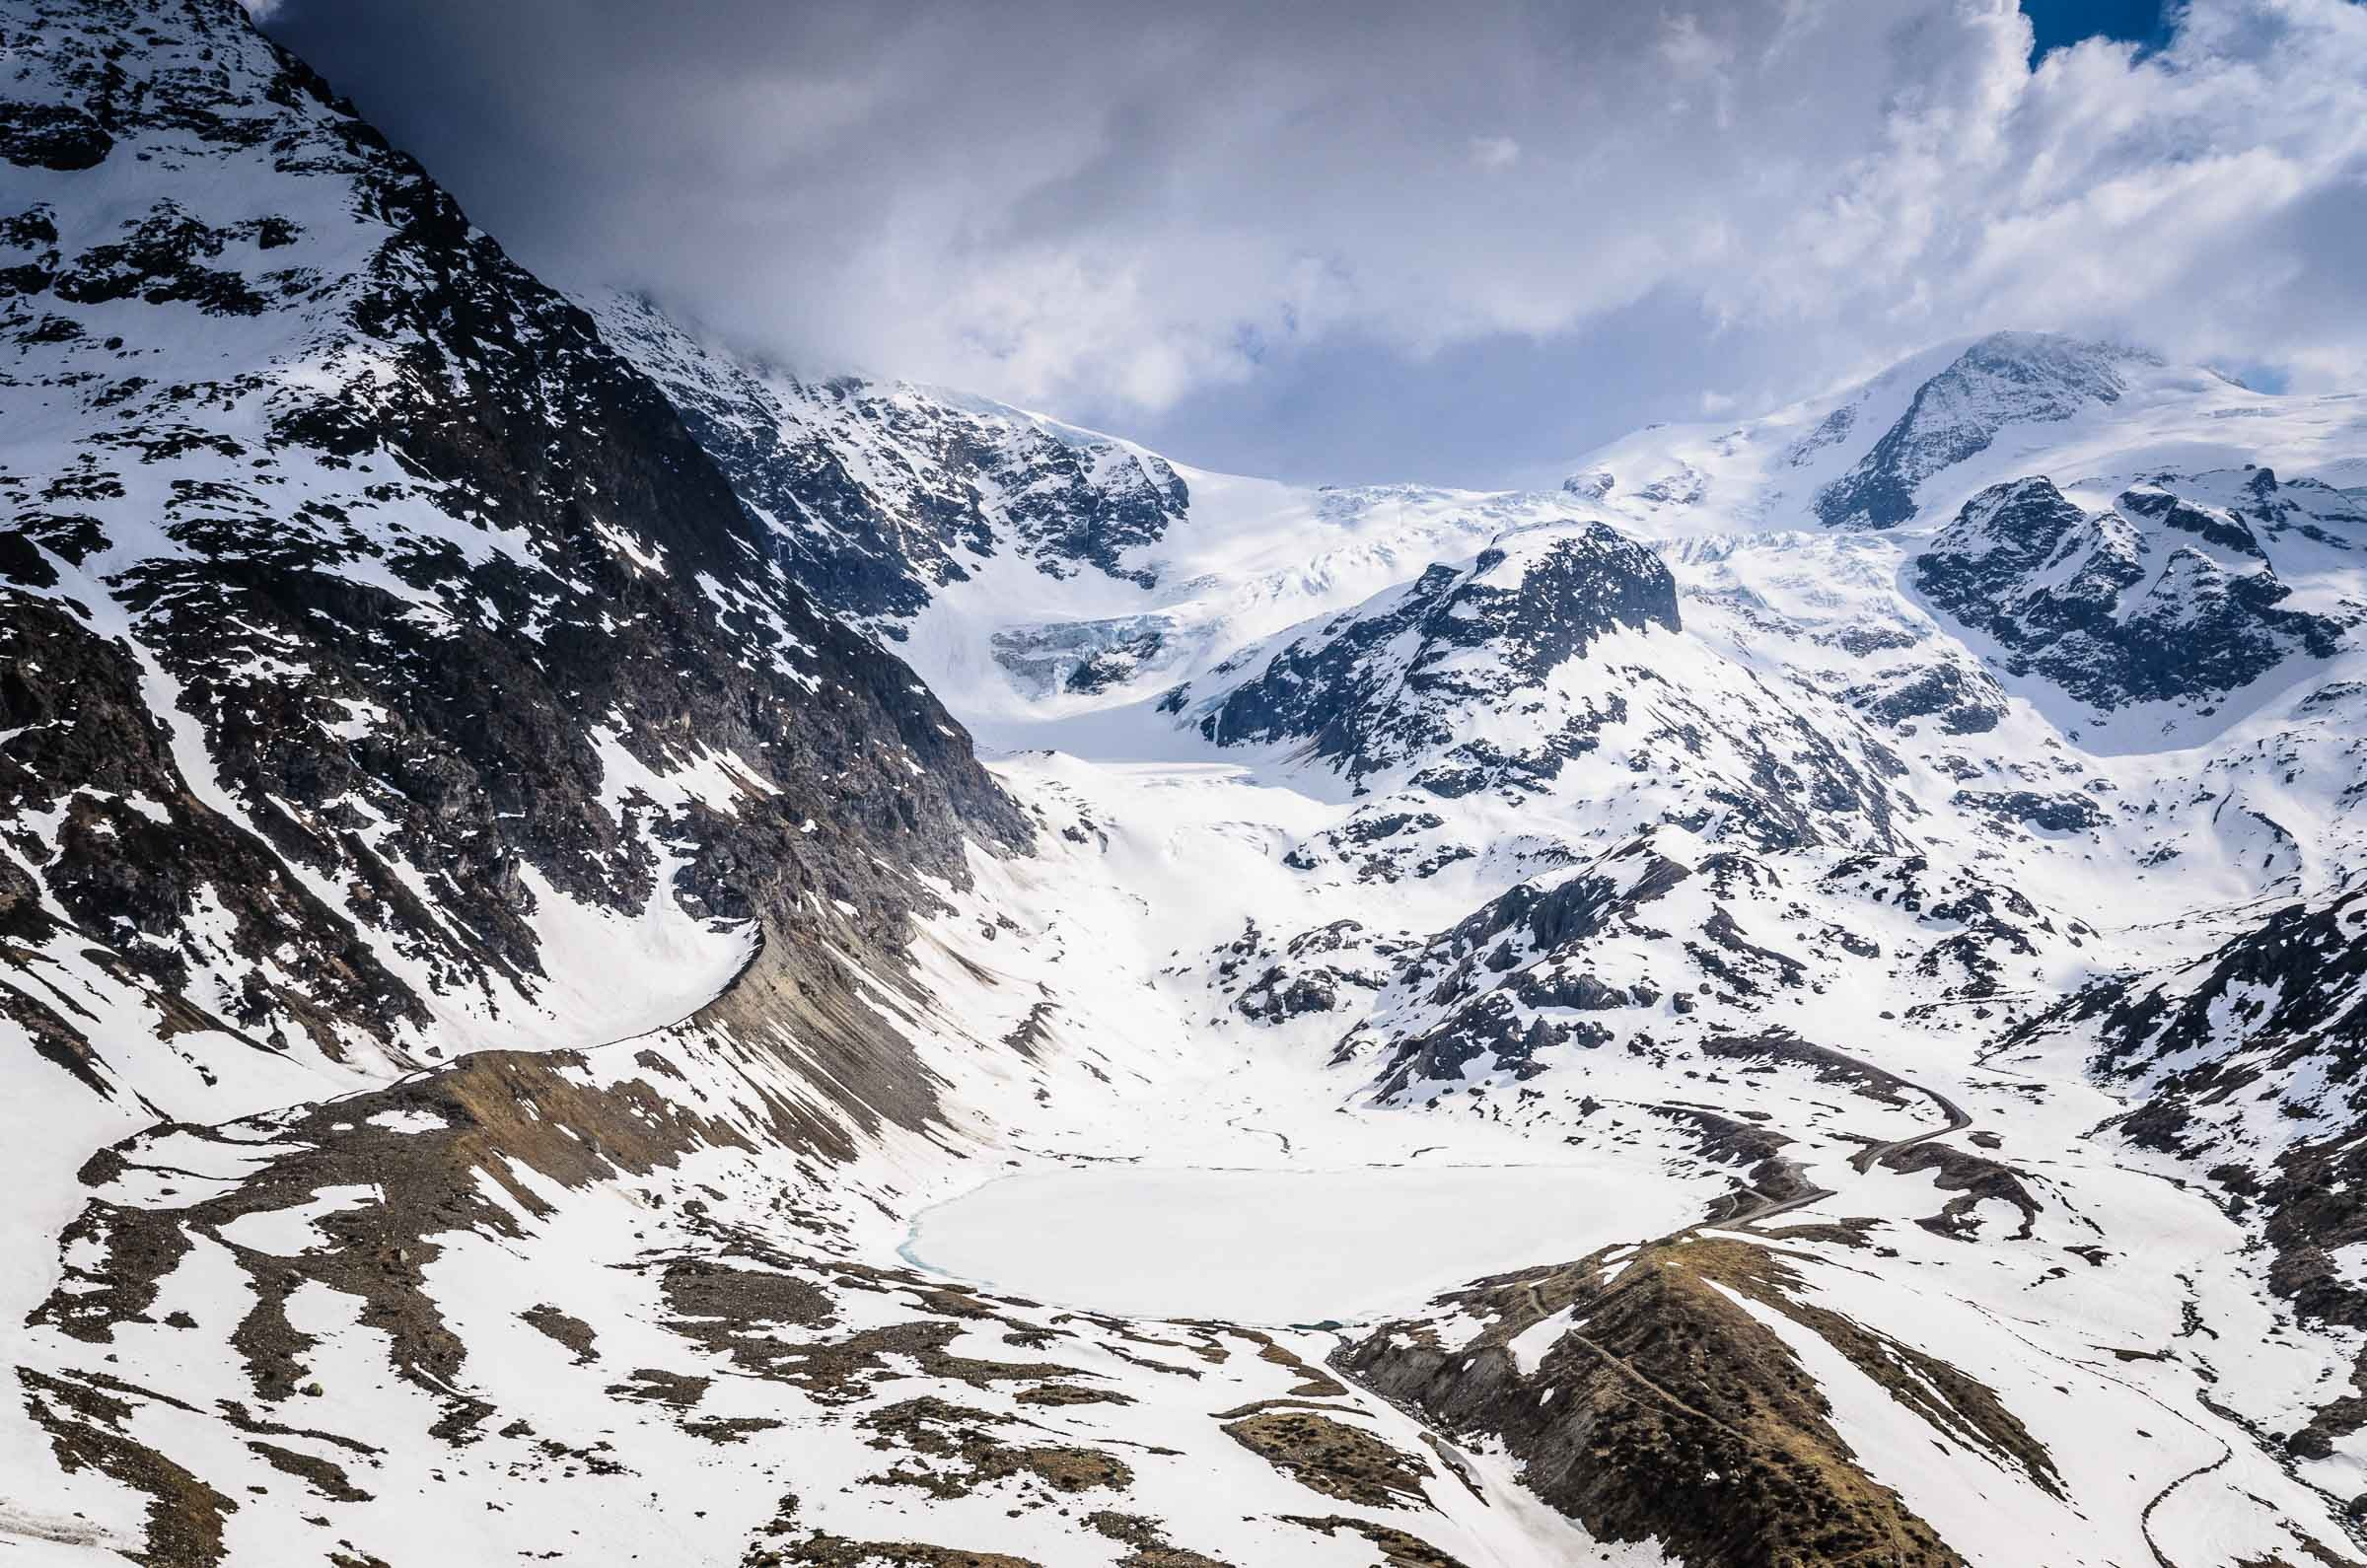 Steingletscher glacier, Switzerland